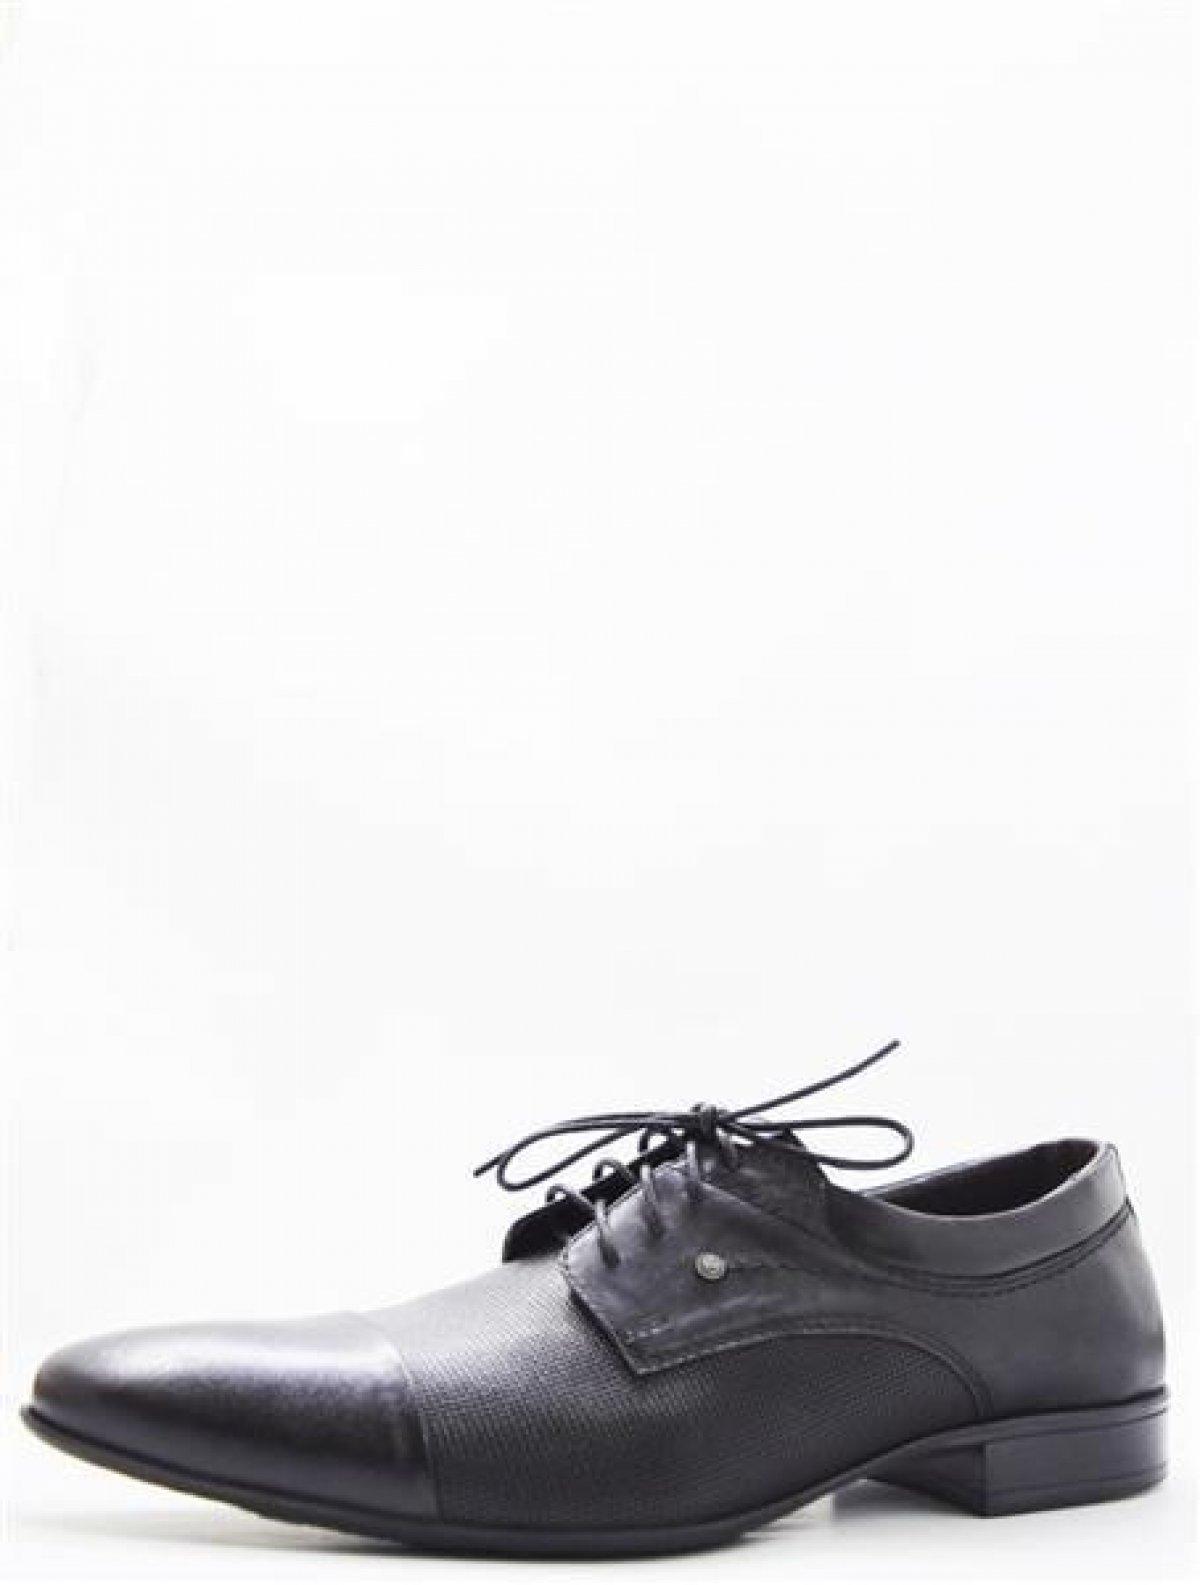 Nine Lines 6474-1 мужские туфли